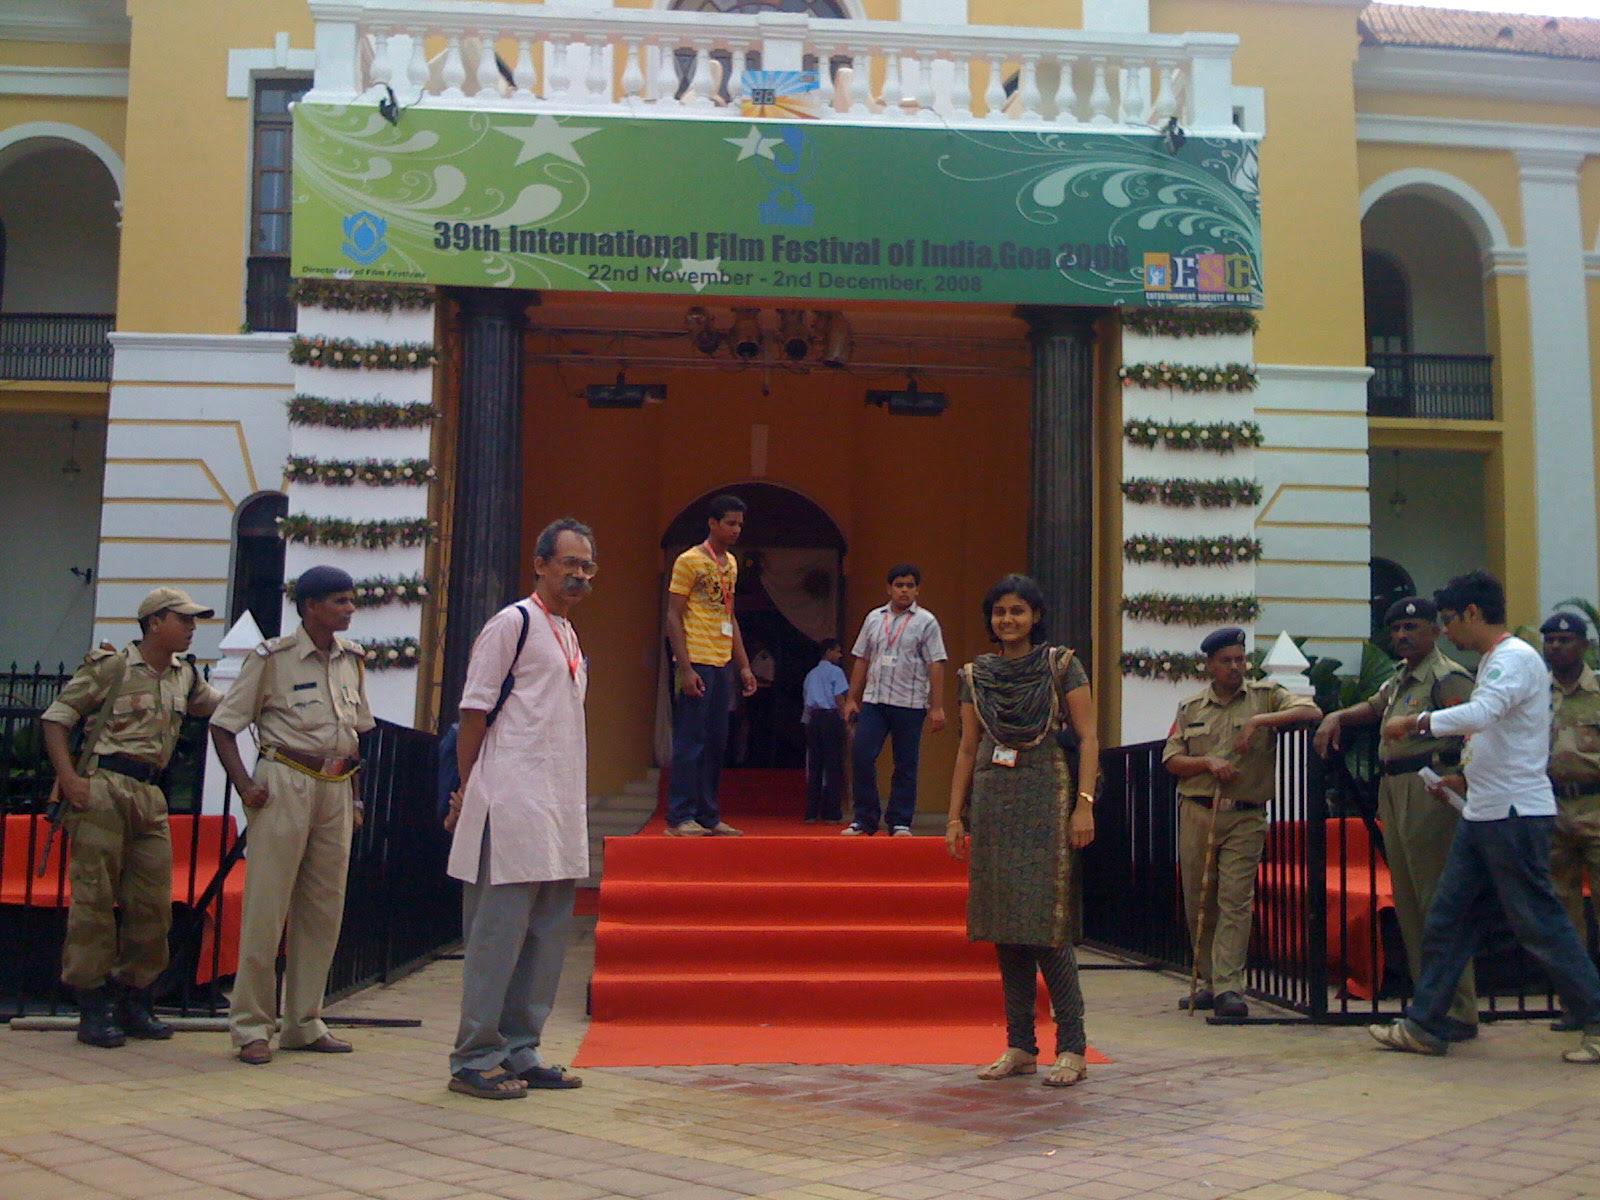 ಅಂತರ ರಾಷ್ಟ್ರೀಯ ಚಲನ ಚಿತ್ರೋತ್ಸವದ ಬಾಗಿಲಲ್ಲಿ